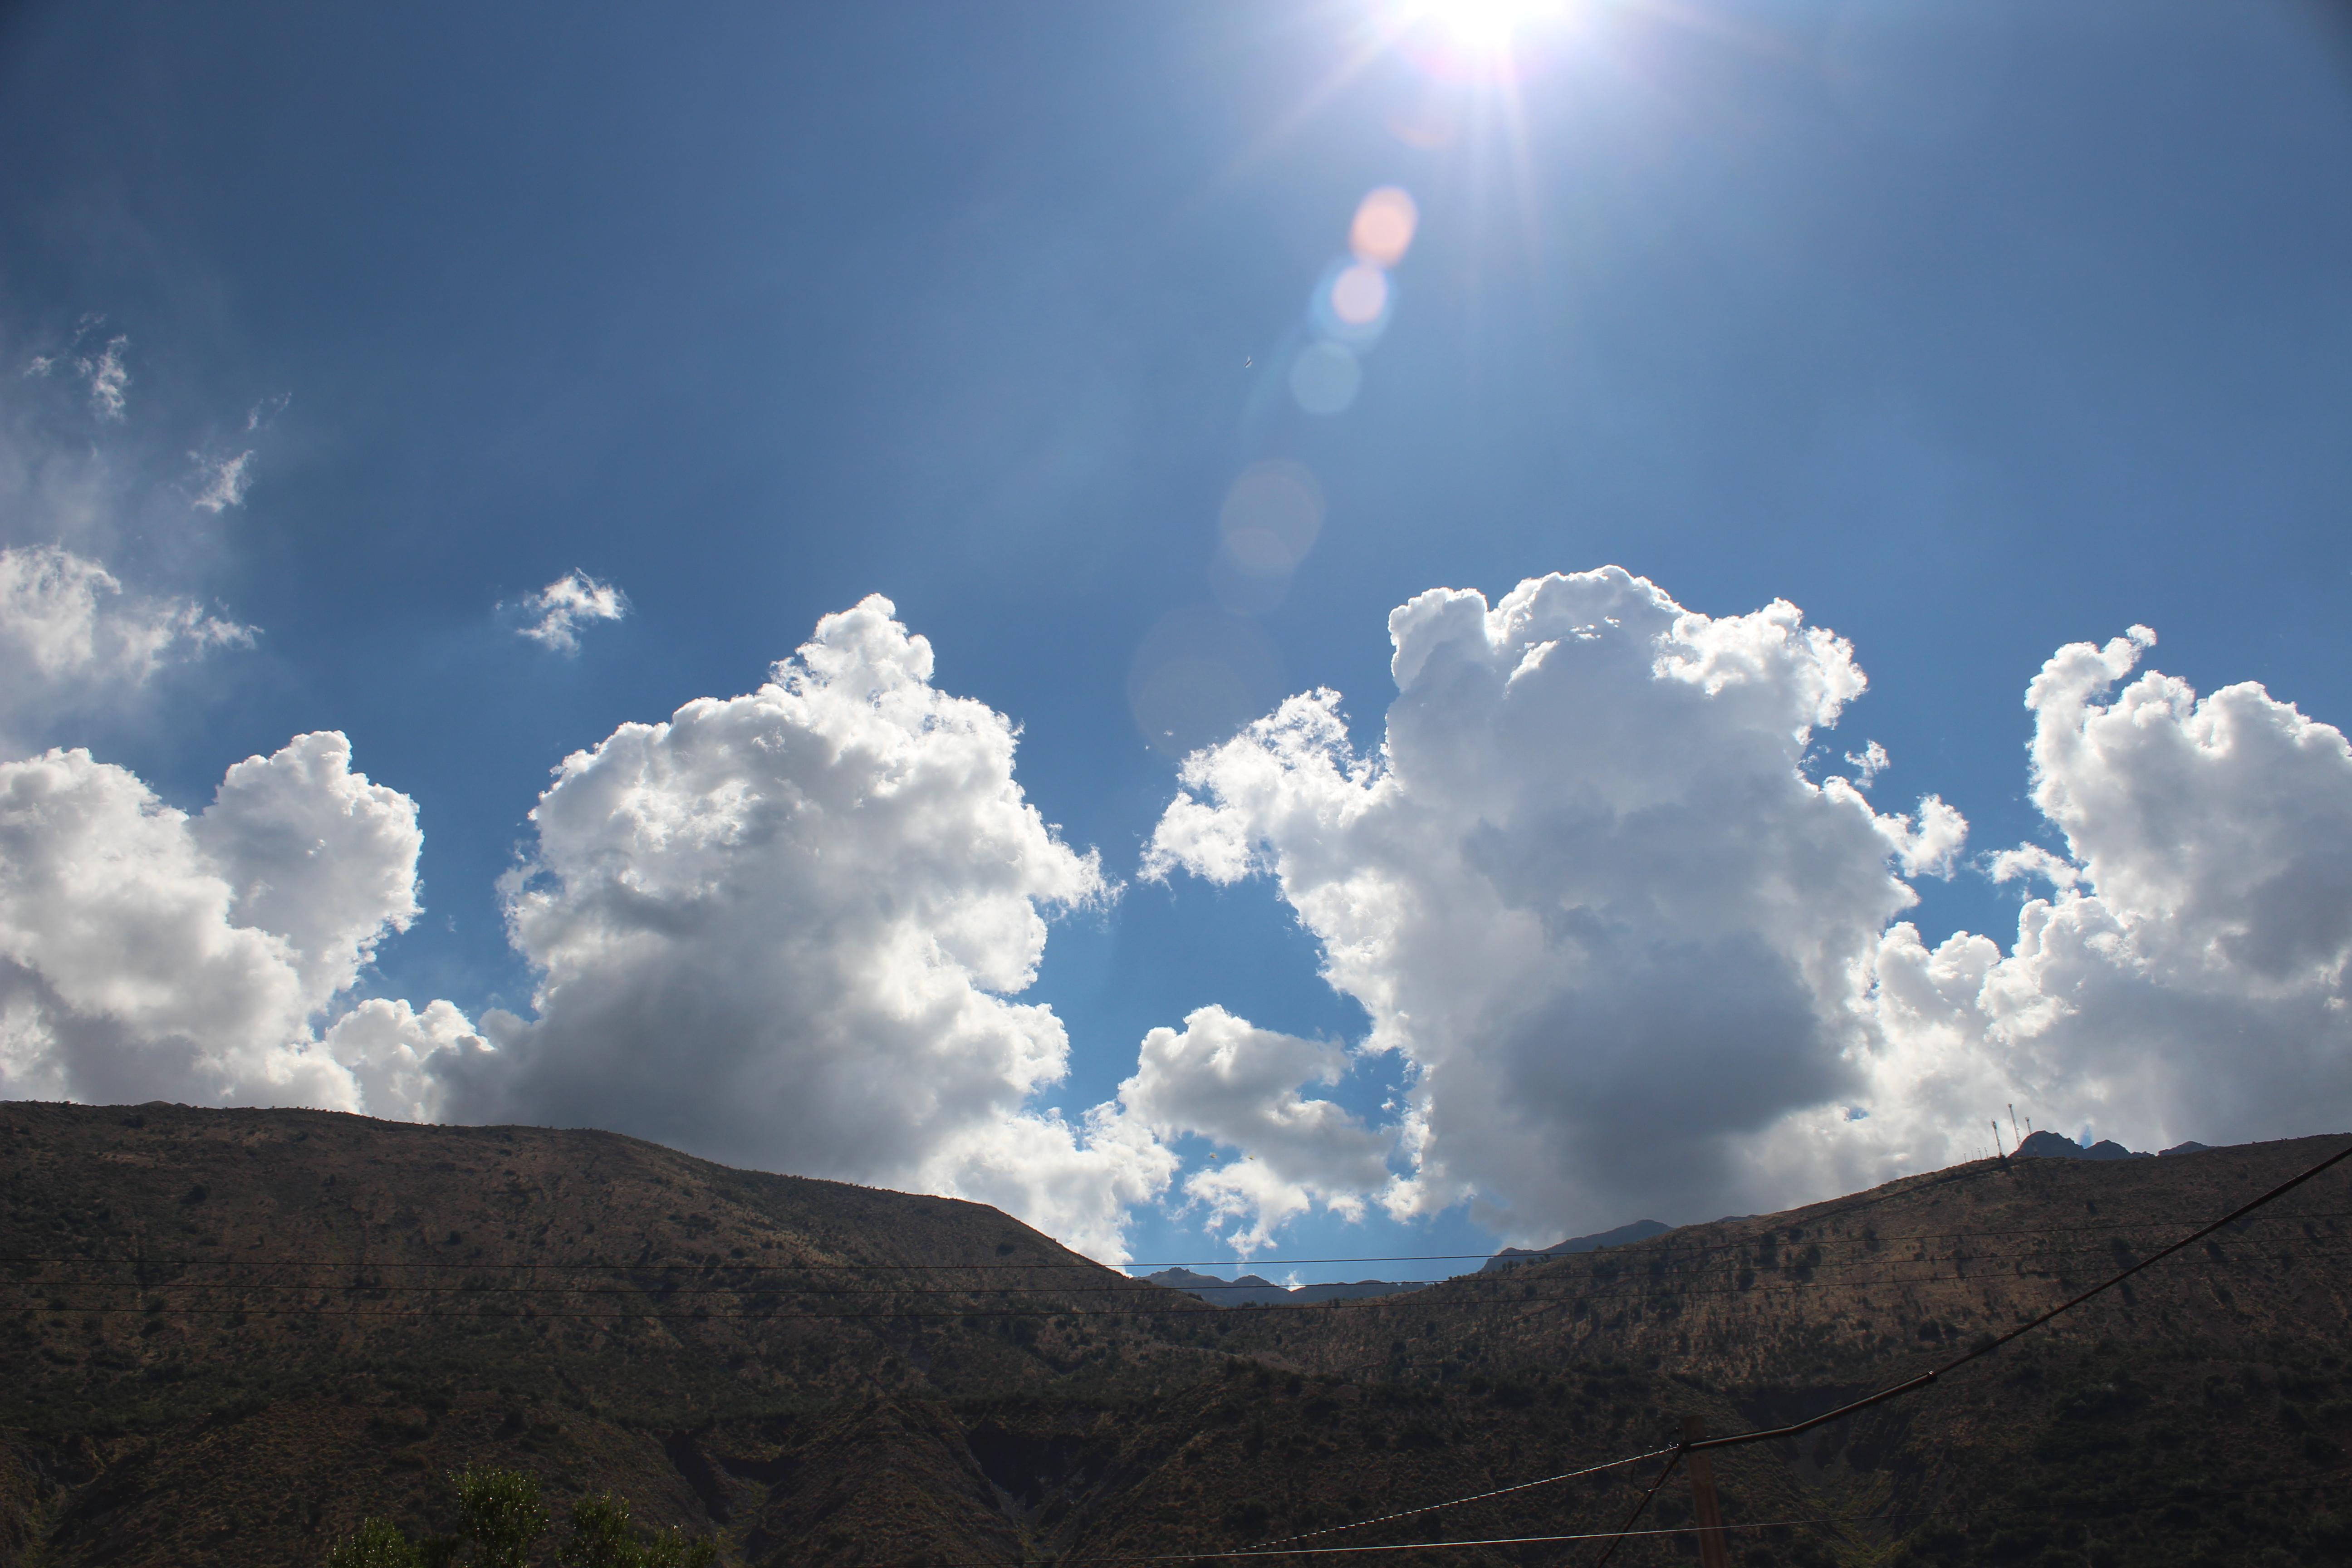 фотографии облачного неба естественные без прикрас изолирующих упражнений